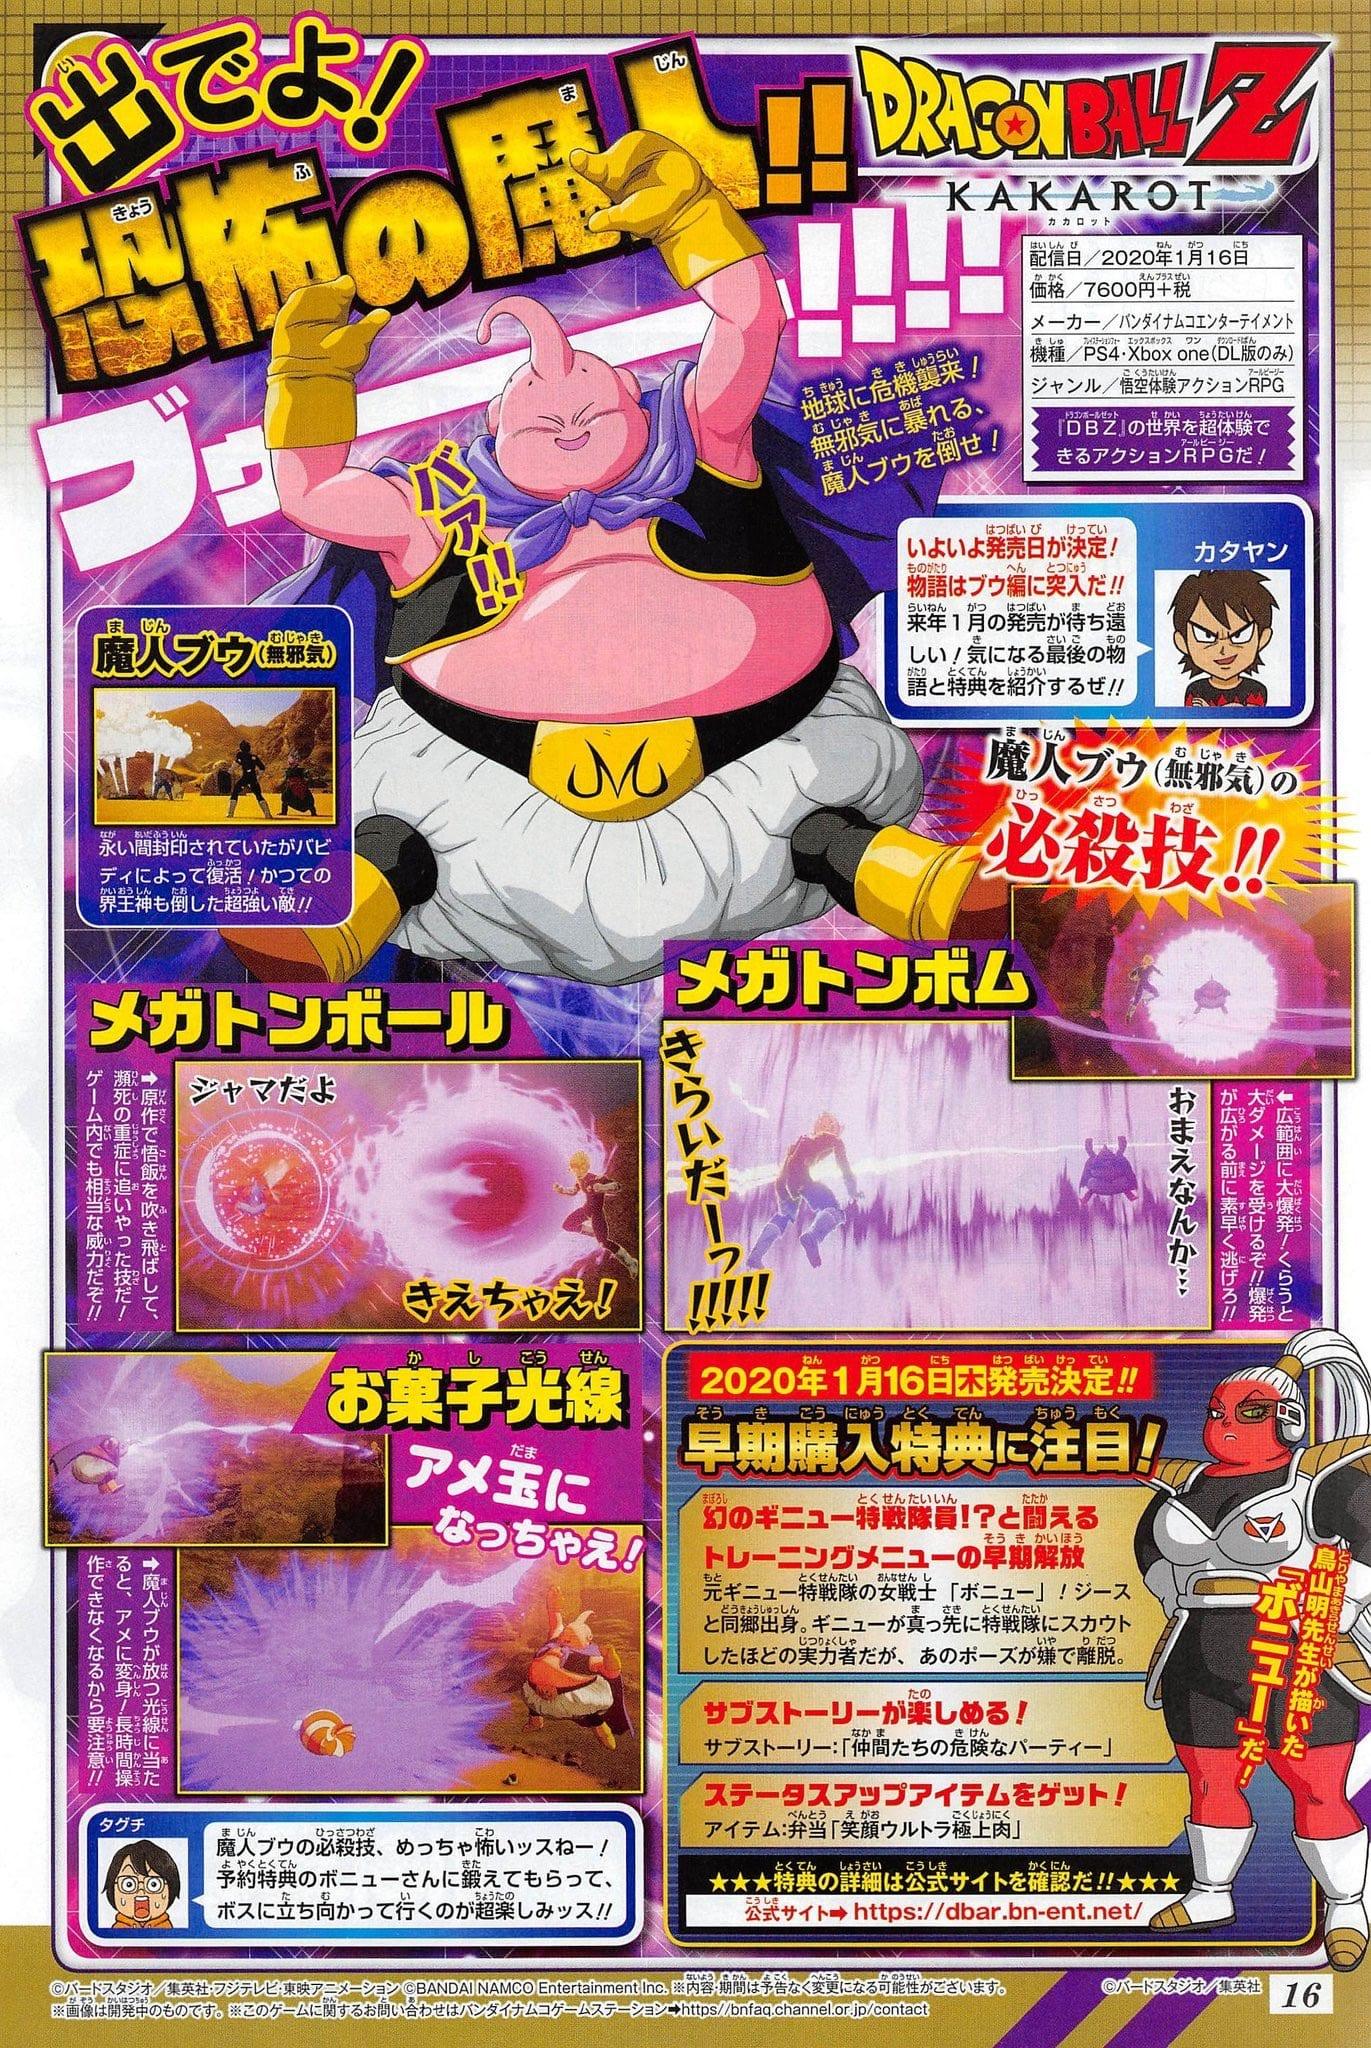 Dragon Ball Z: Kakarot Majin Buu